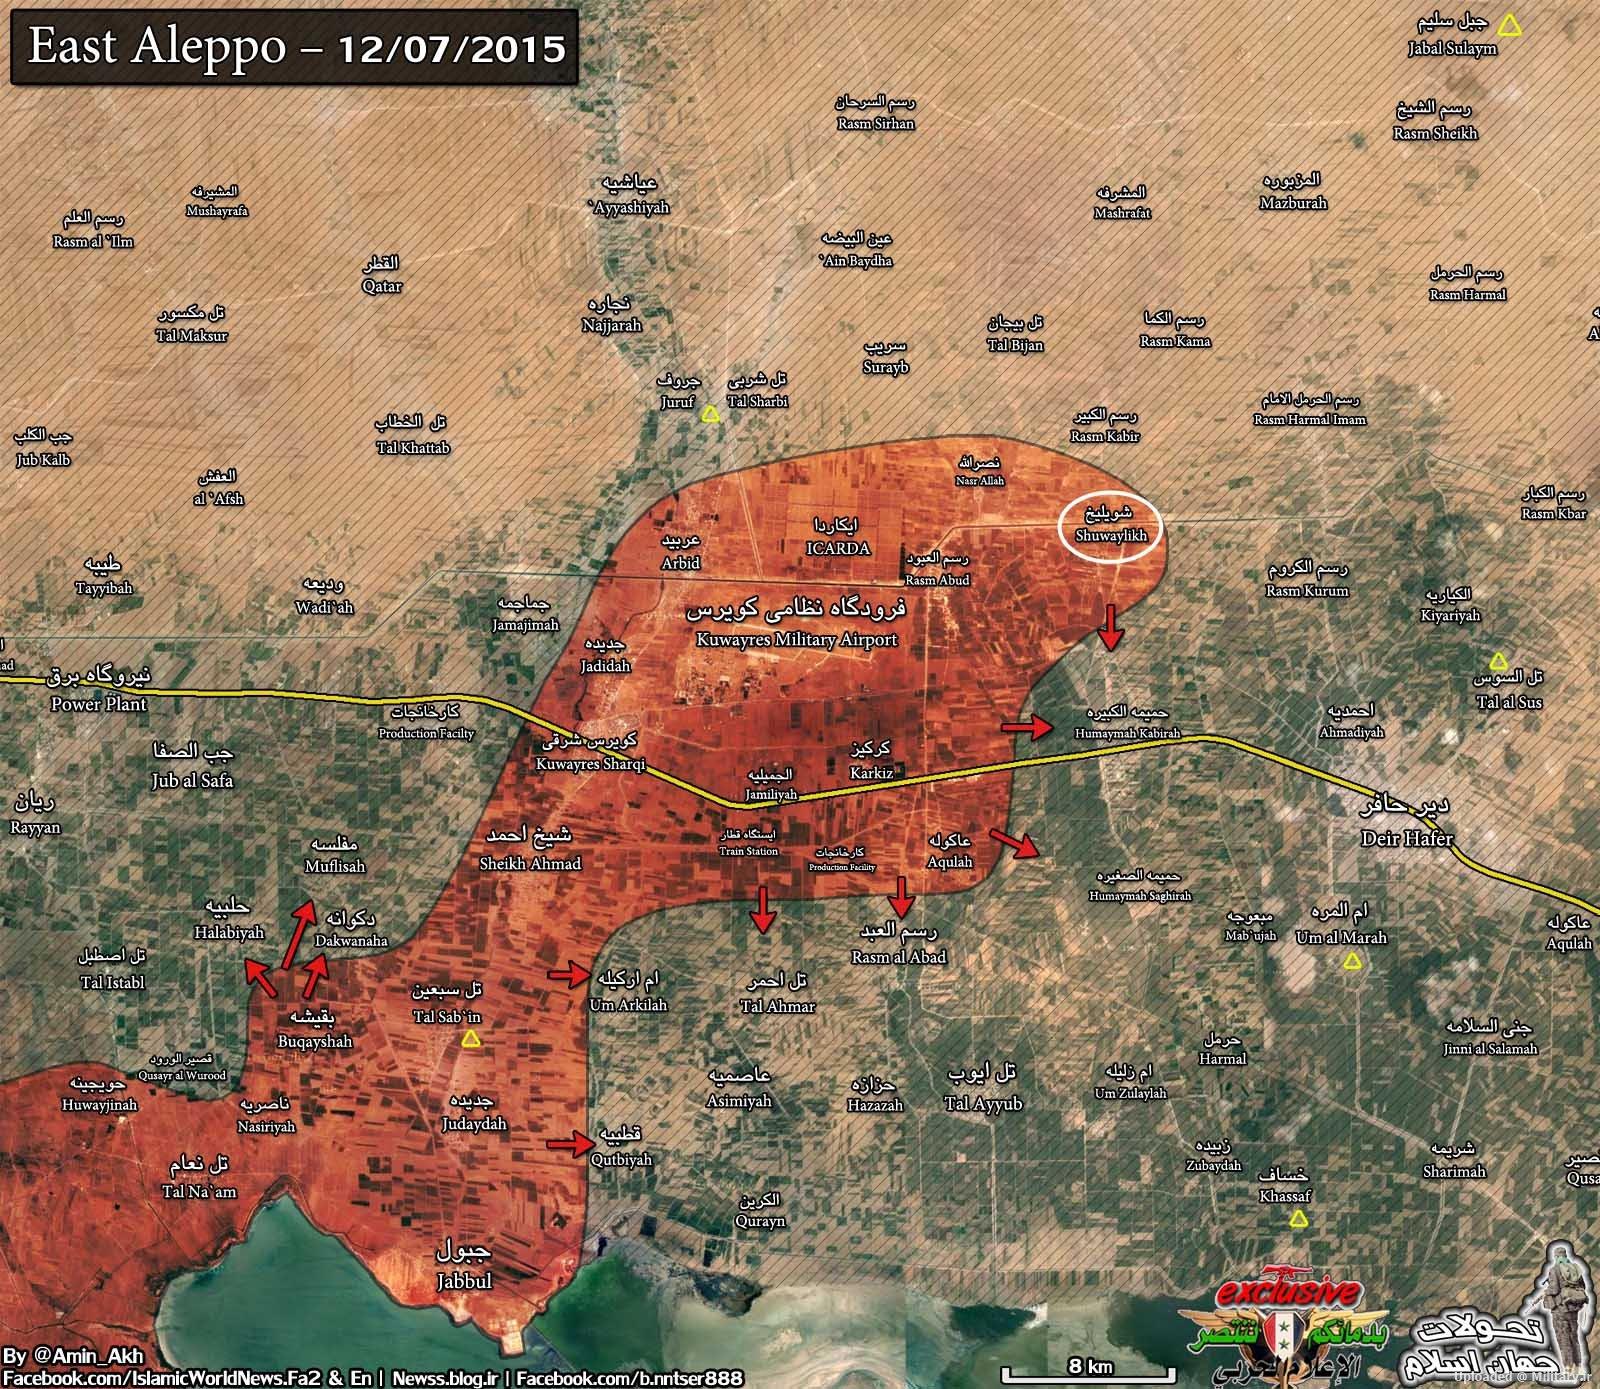 East_Aleppo_8km_7dec_16azar.JPG